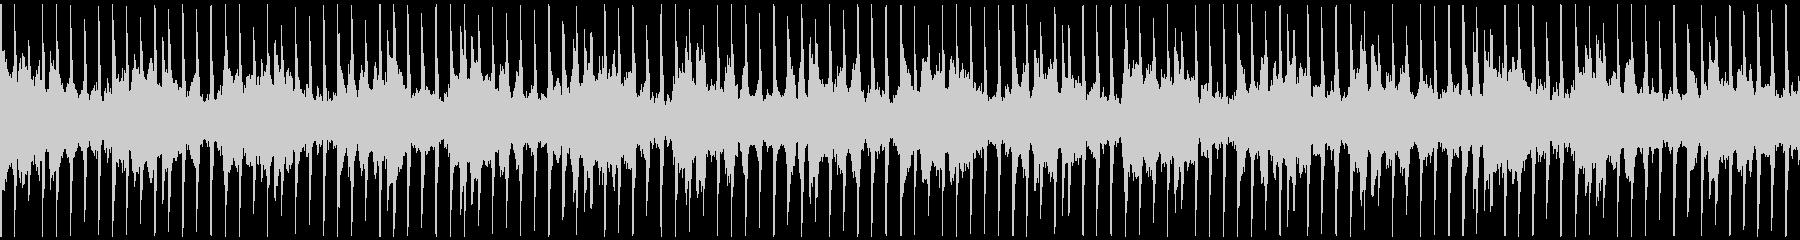 ムーディでお洒落なピアノ/ループ可の未再生の波形